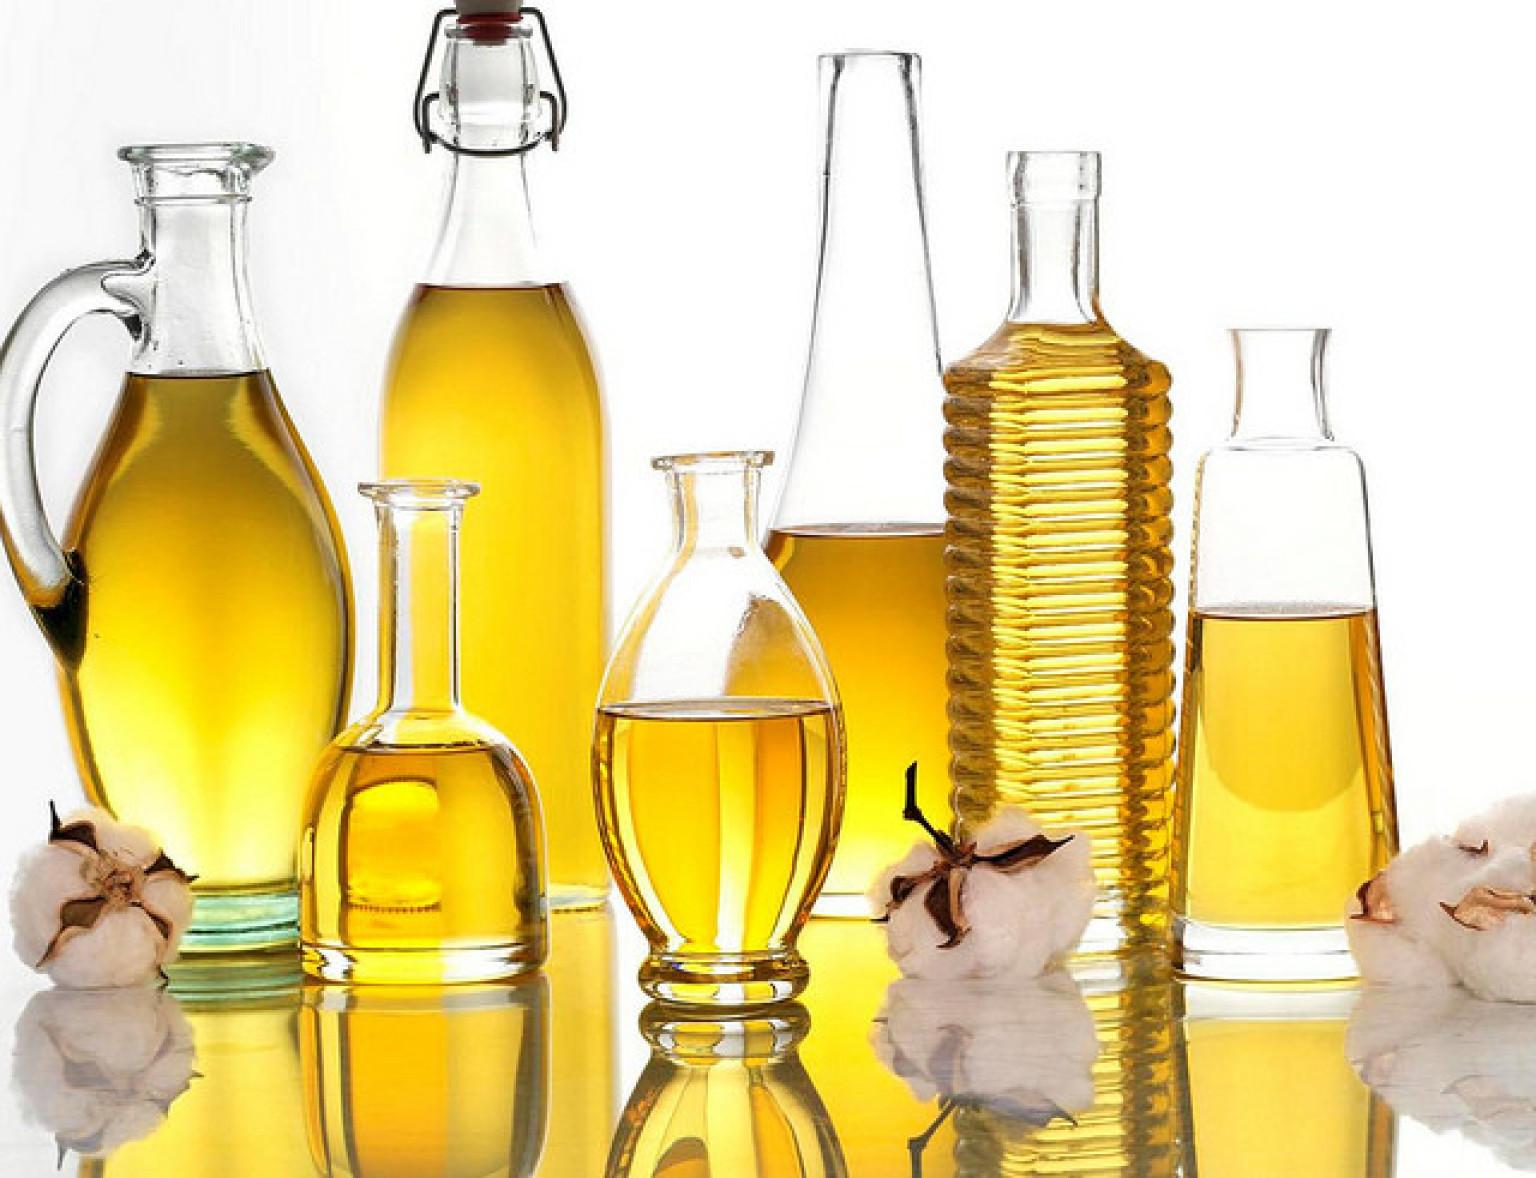 Hasil gambar untuk cooking oil